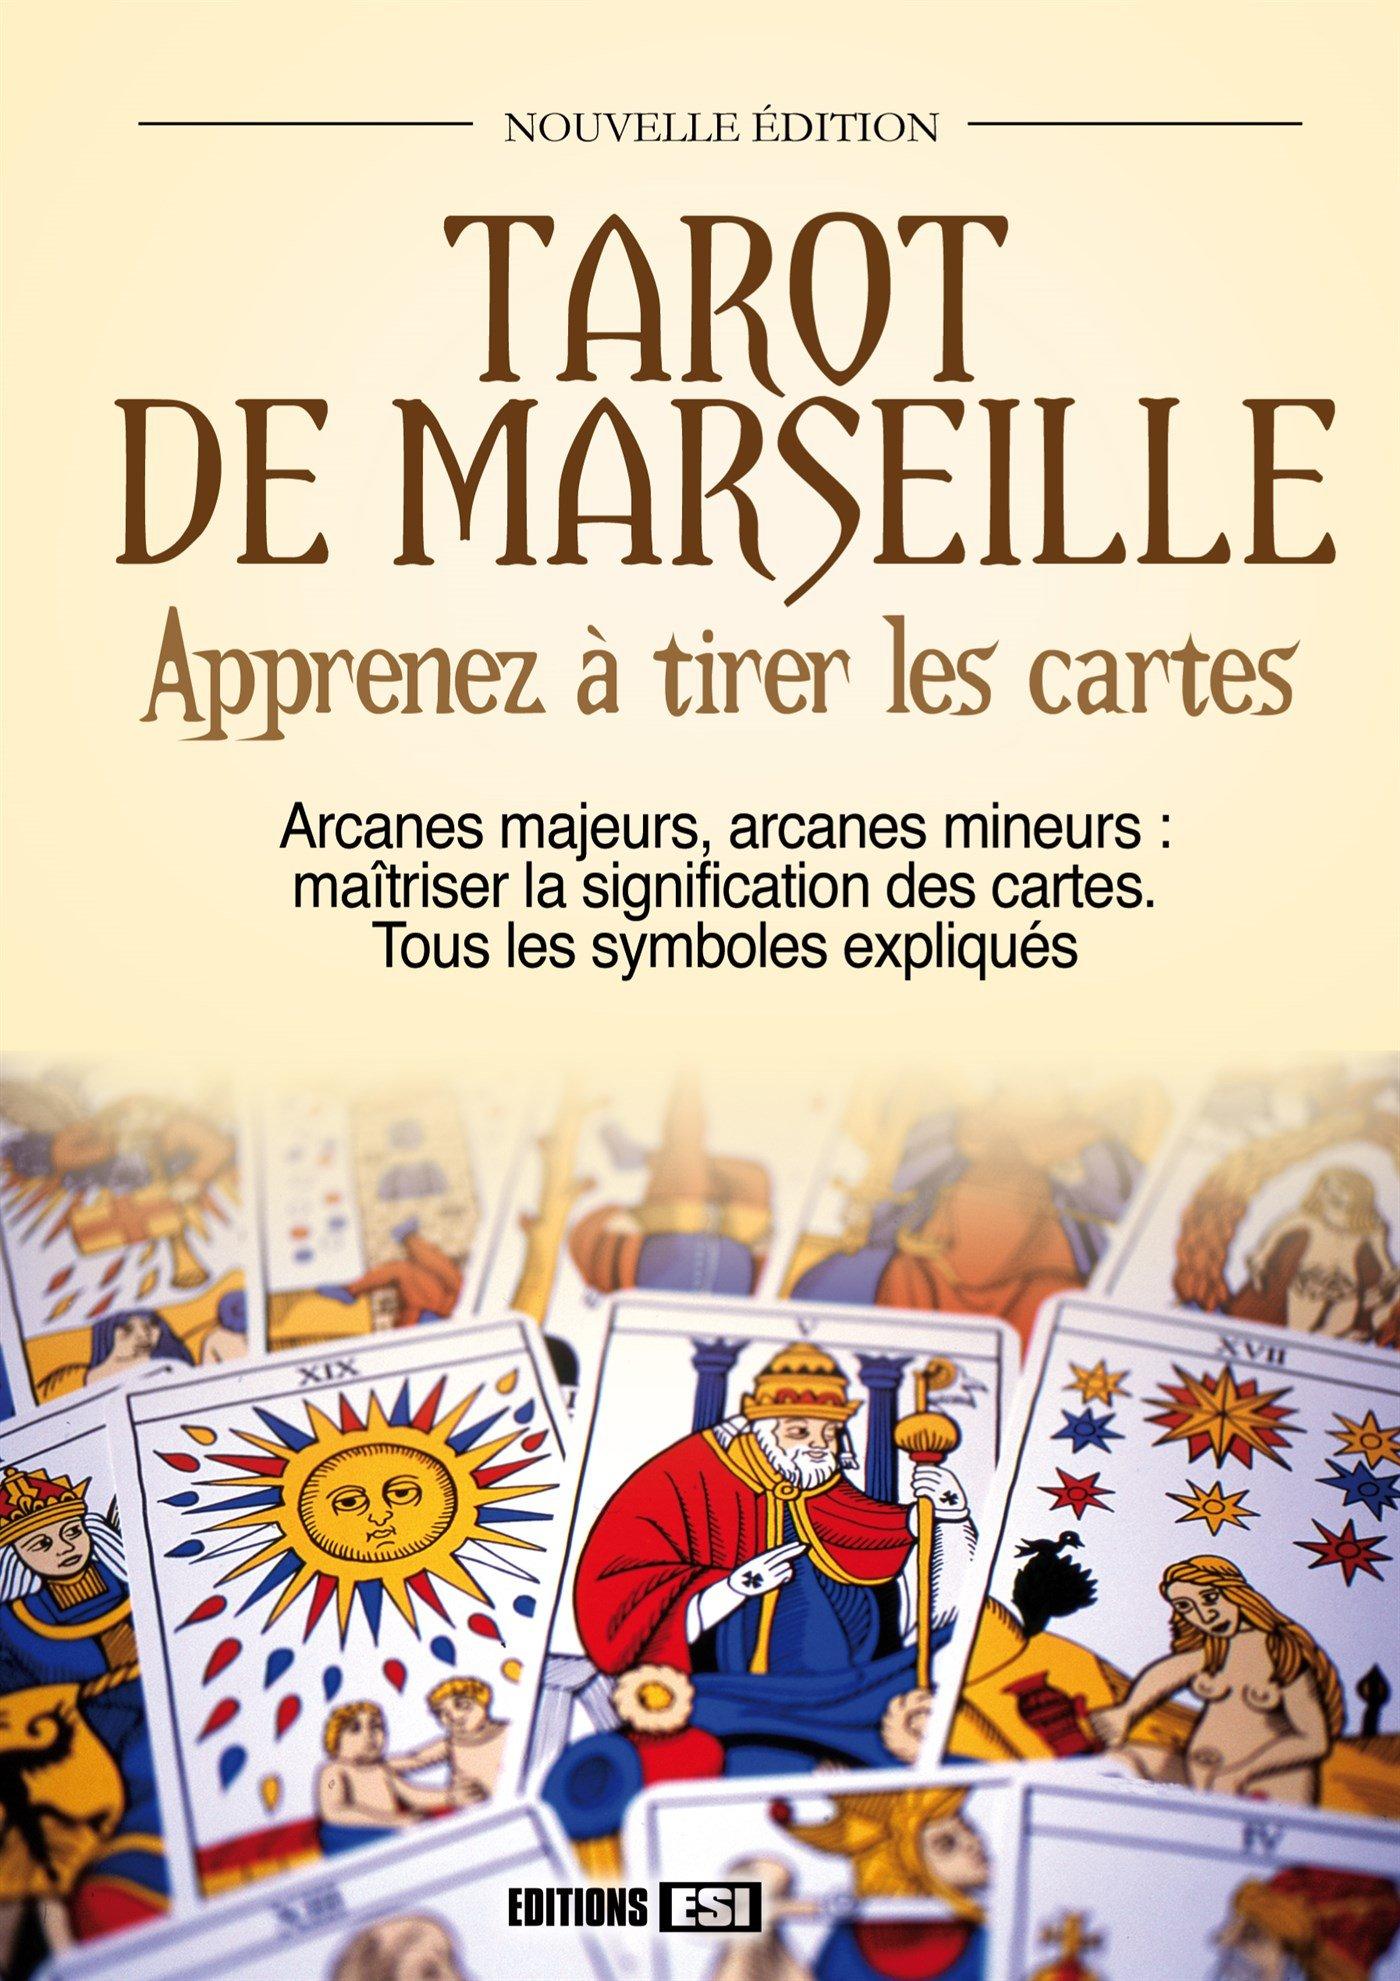 Amazon.fr - Tarot de Marseille   Apprenez à tirer les cartes - Sidonie  Gaucher - Livres 1b01d6dfdfff